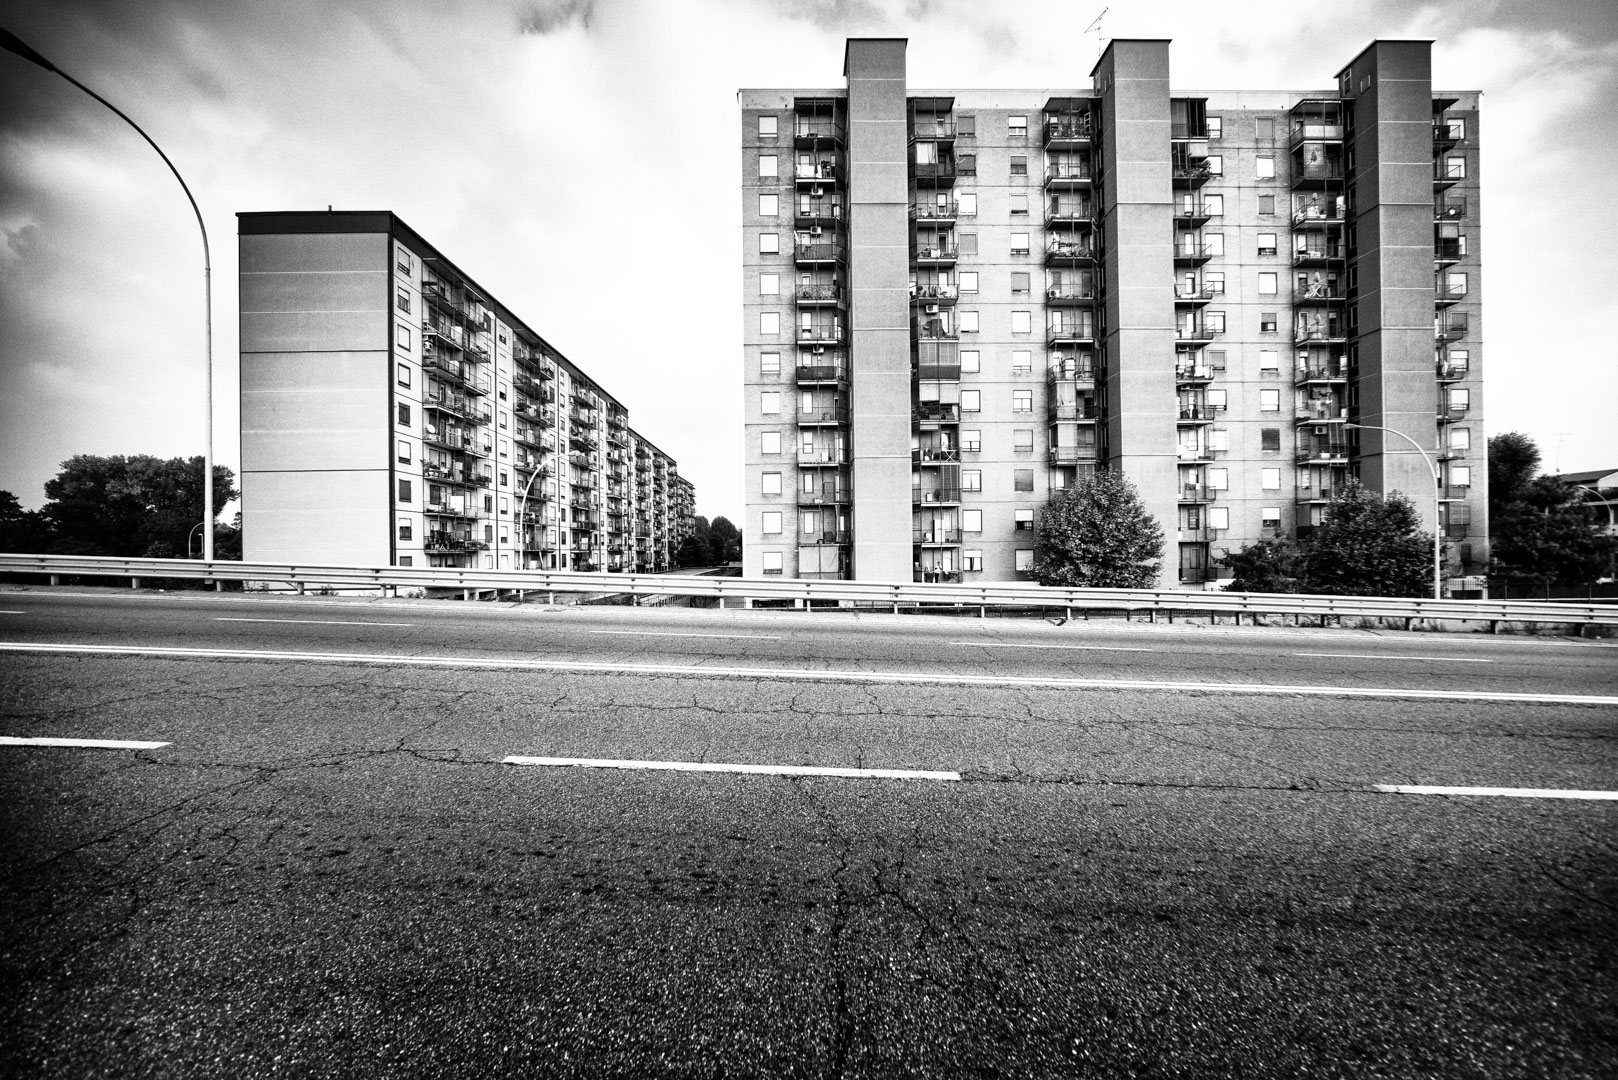 Nella Città - Periferie di Milano - Progetto Fotografico di Architettura